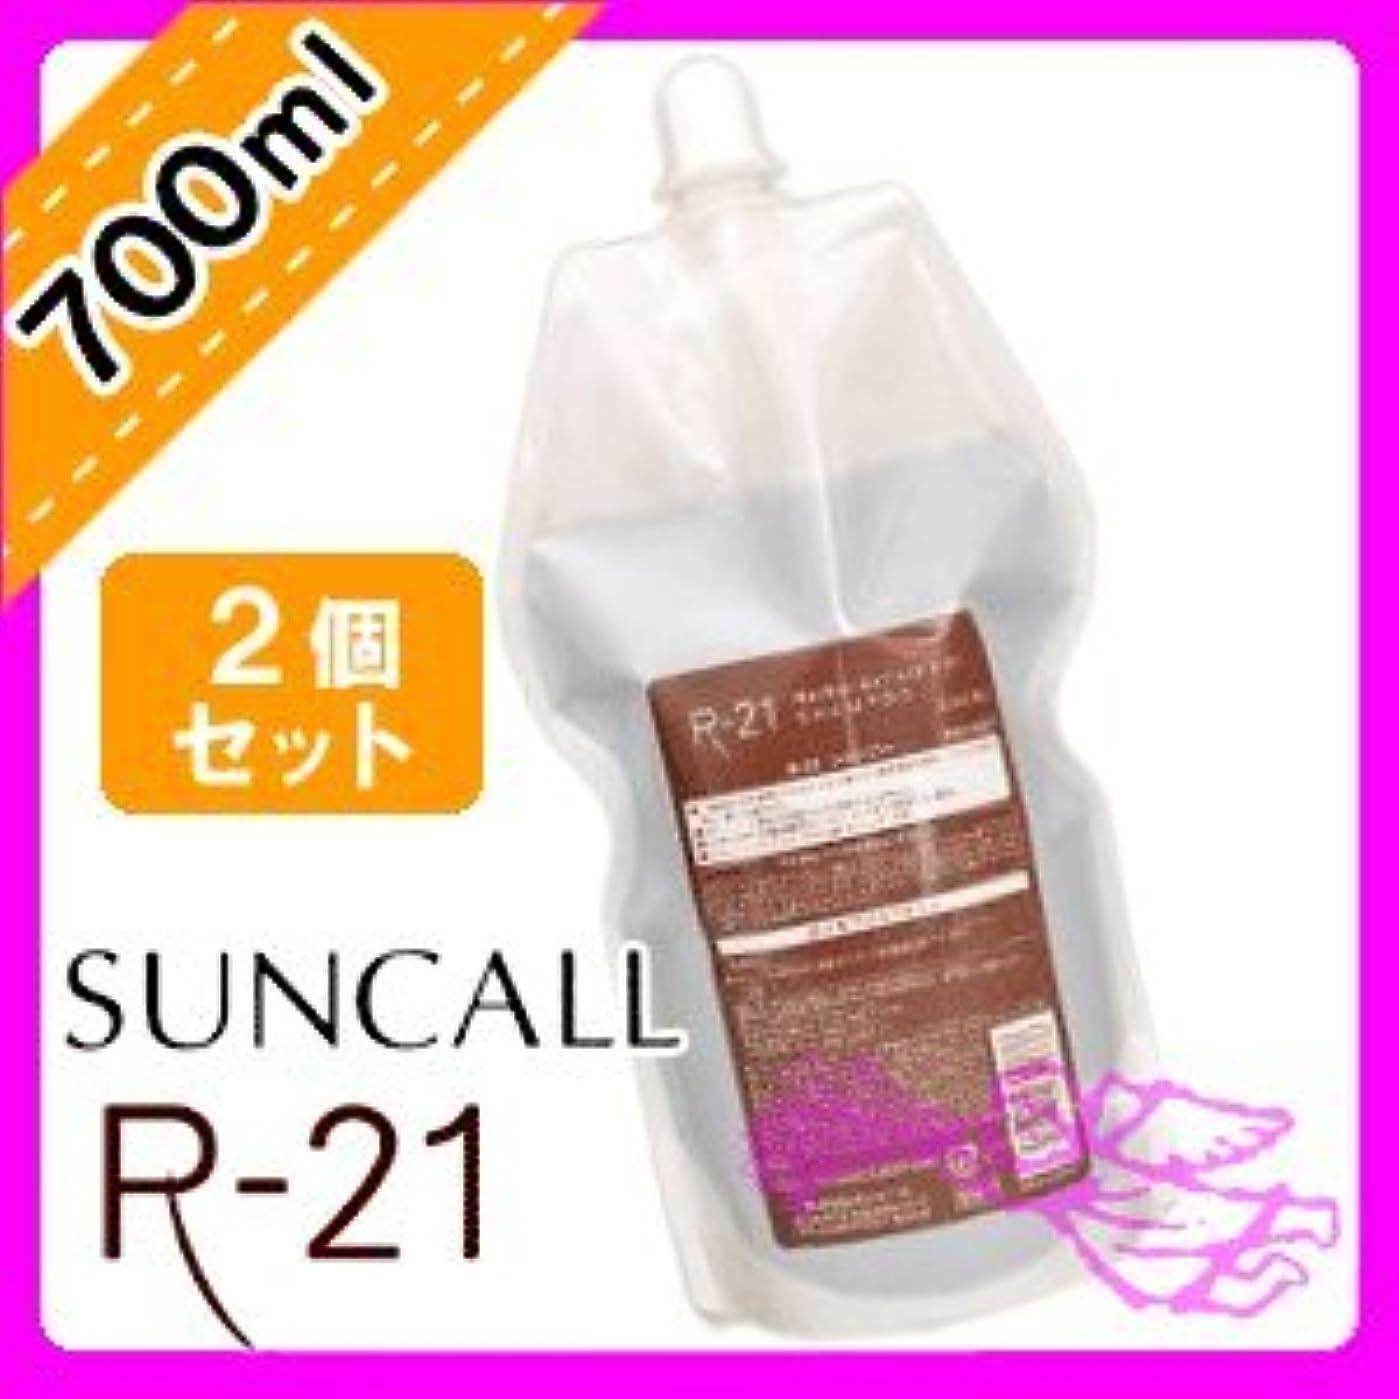 送金シャベル起こるサンコール R-21 シャンプー 700mL × 2個 セット 詰め替え用 頭皮の汚れを除去し、髪にハリ?コシを与えます SUNCALL R-21